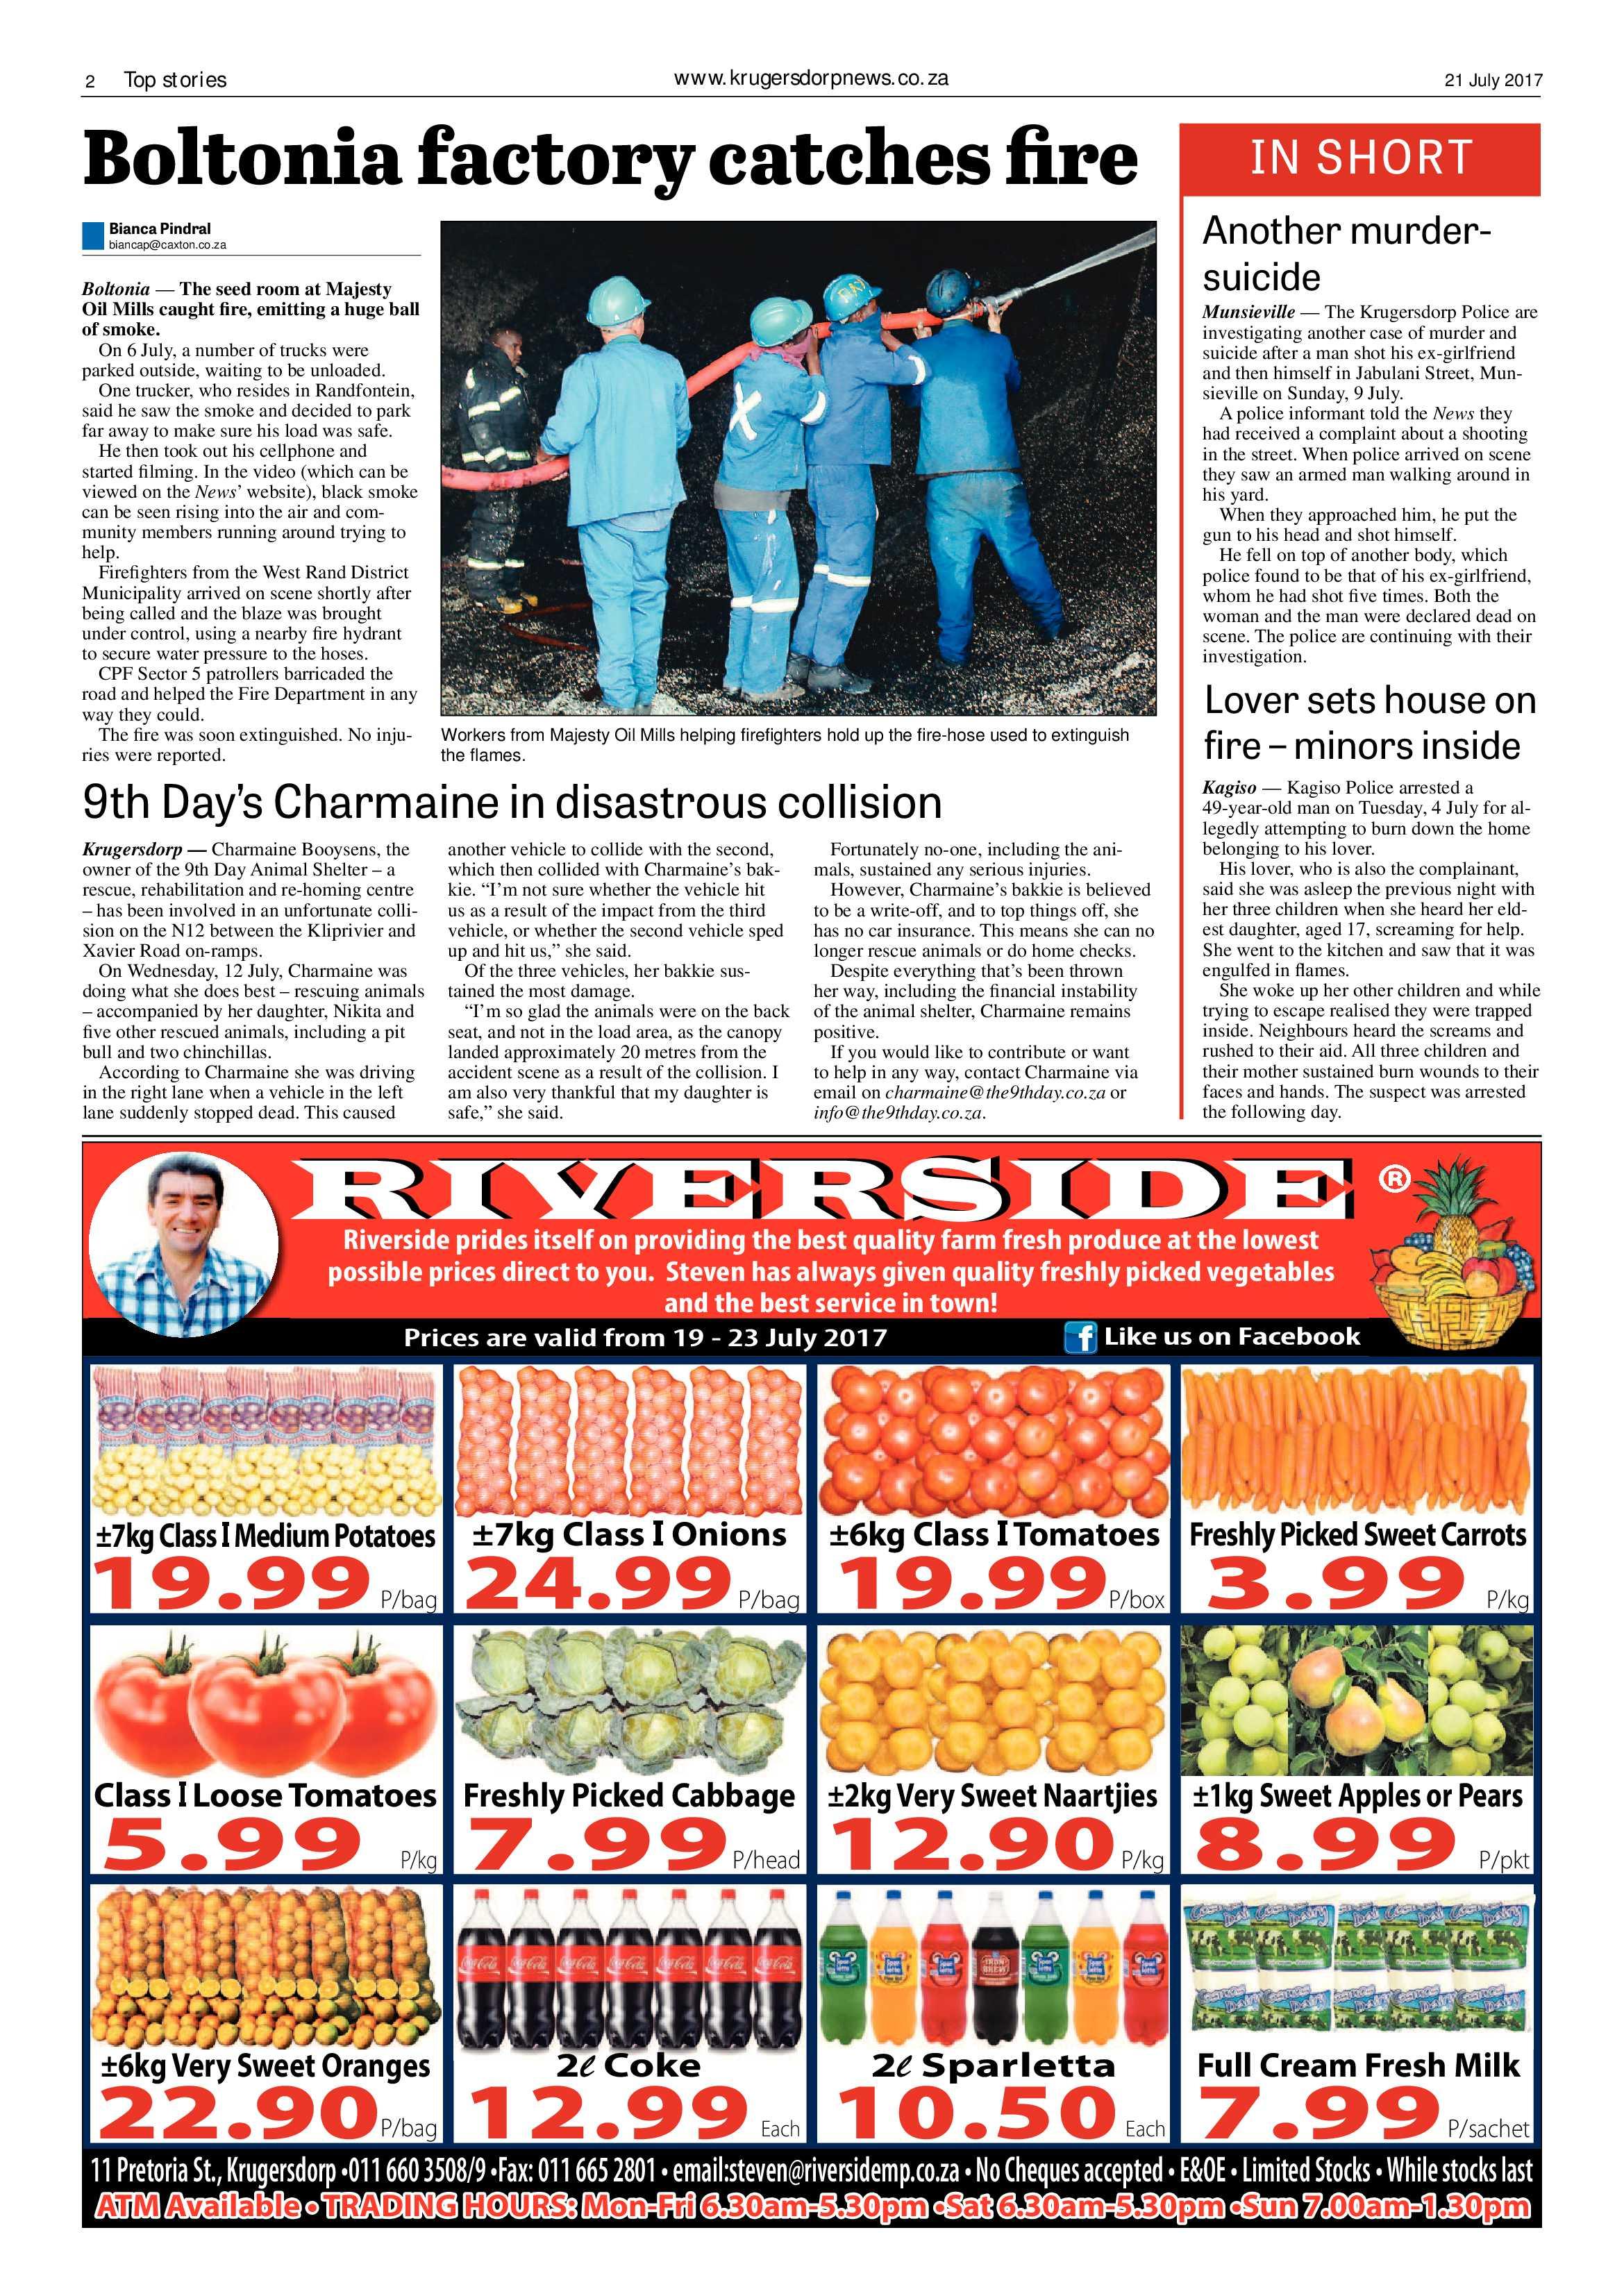 Krugersdorp News 21 July 2017 | Krugersdorp News